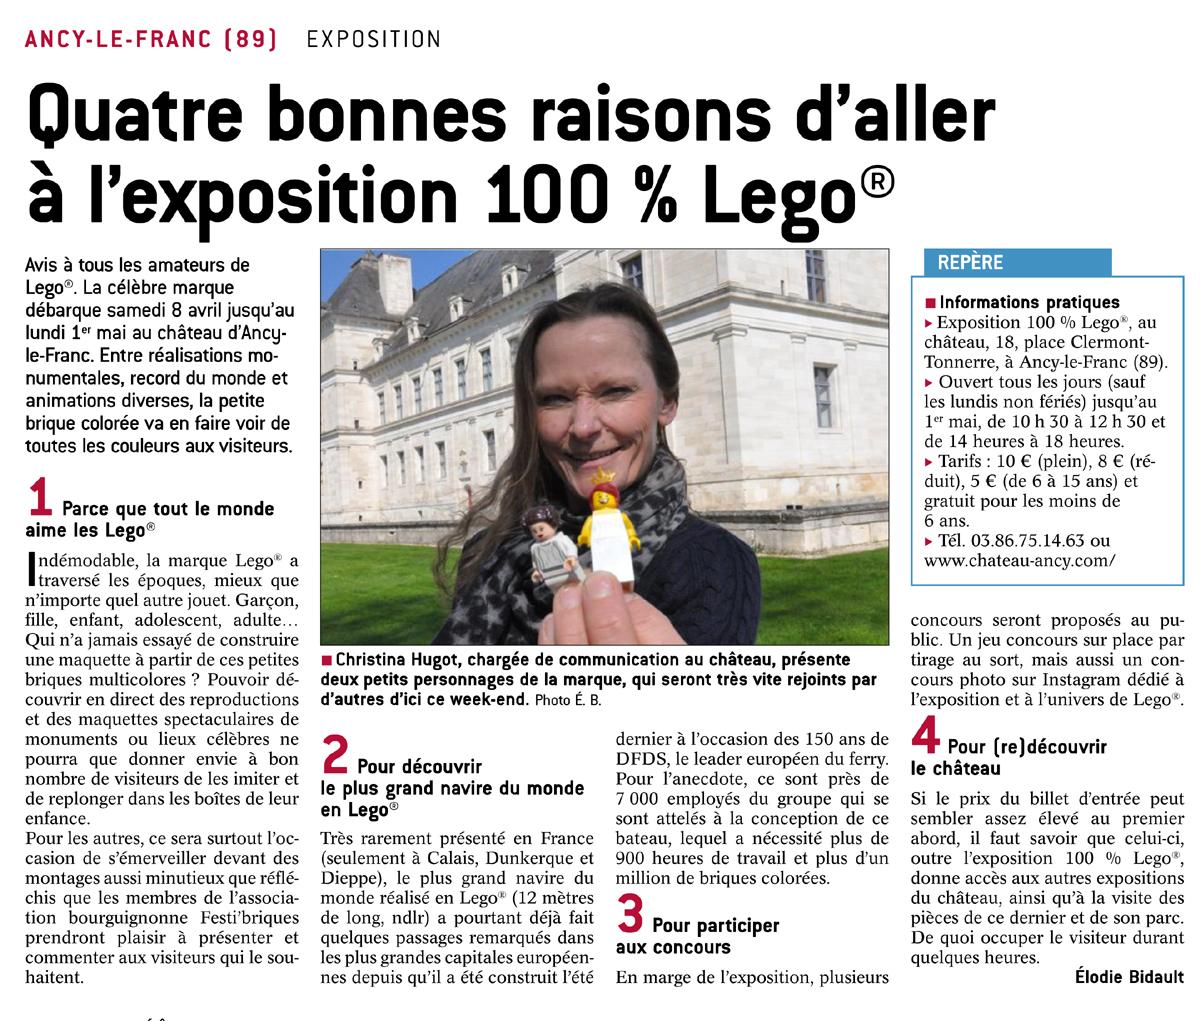 Exposition LEGO au chateau d'Ancy le Franc article de presse 6 avril 2017 LE BIEN PUBLIC